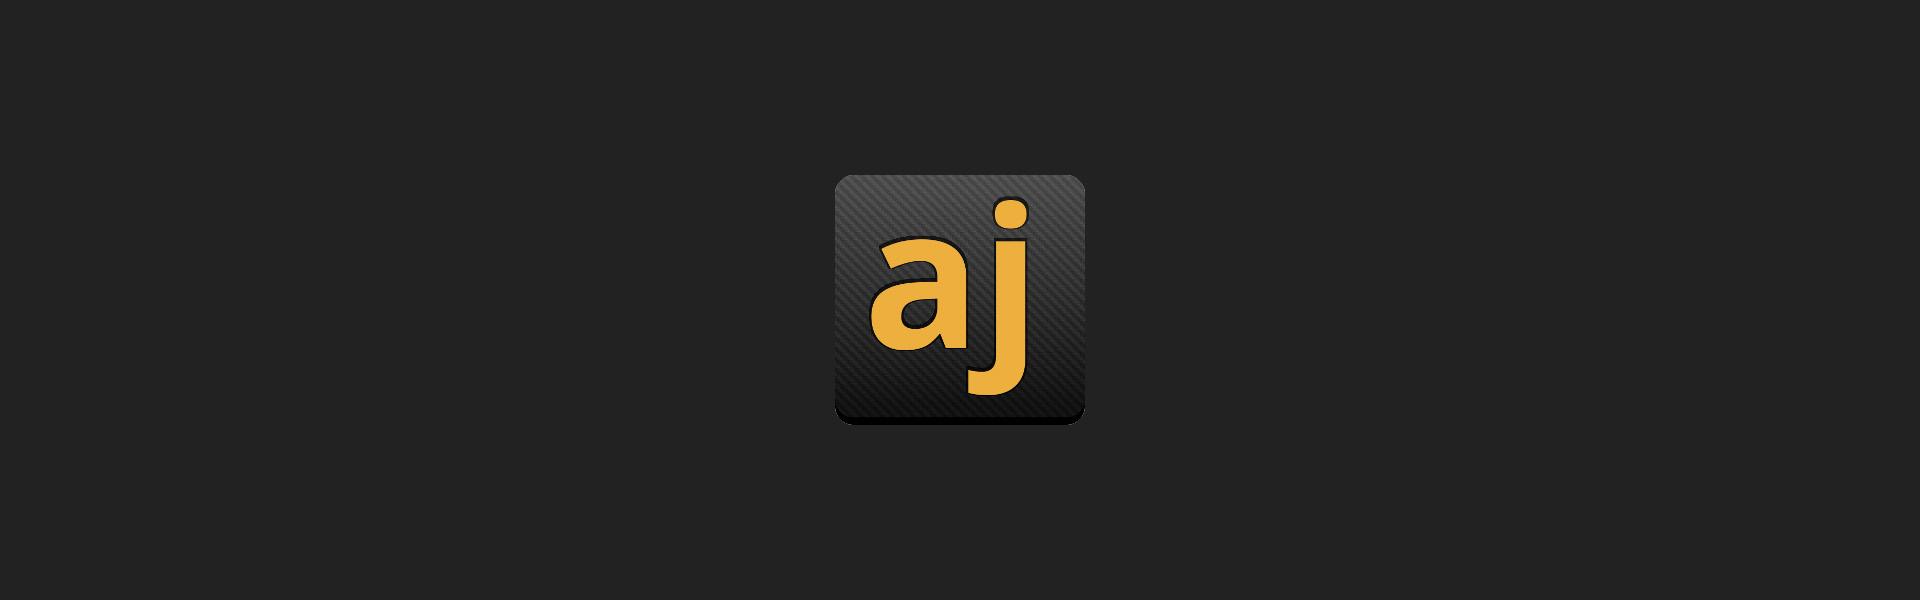 ¿Cómo instalar el panel de control Ajenti y Ajenti V en Ubuntu 16.04?